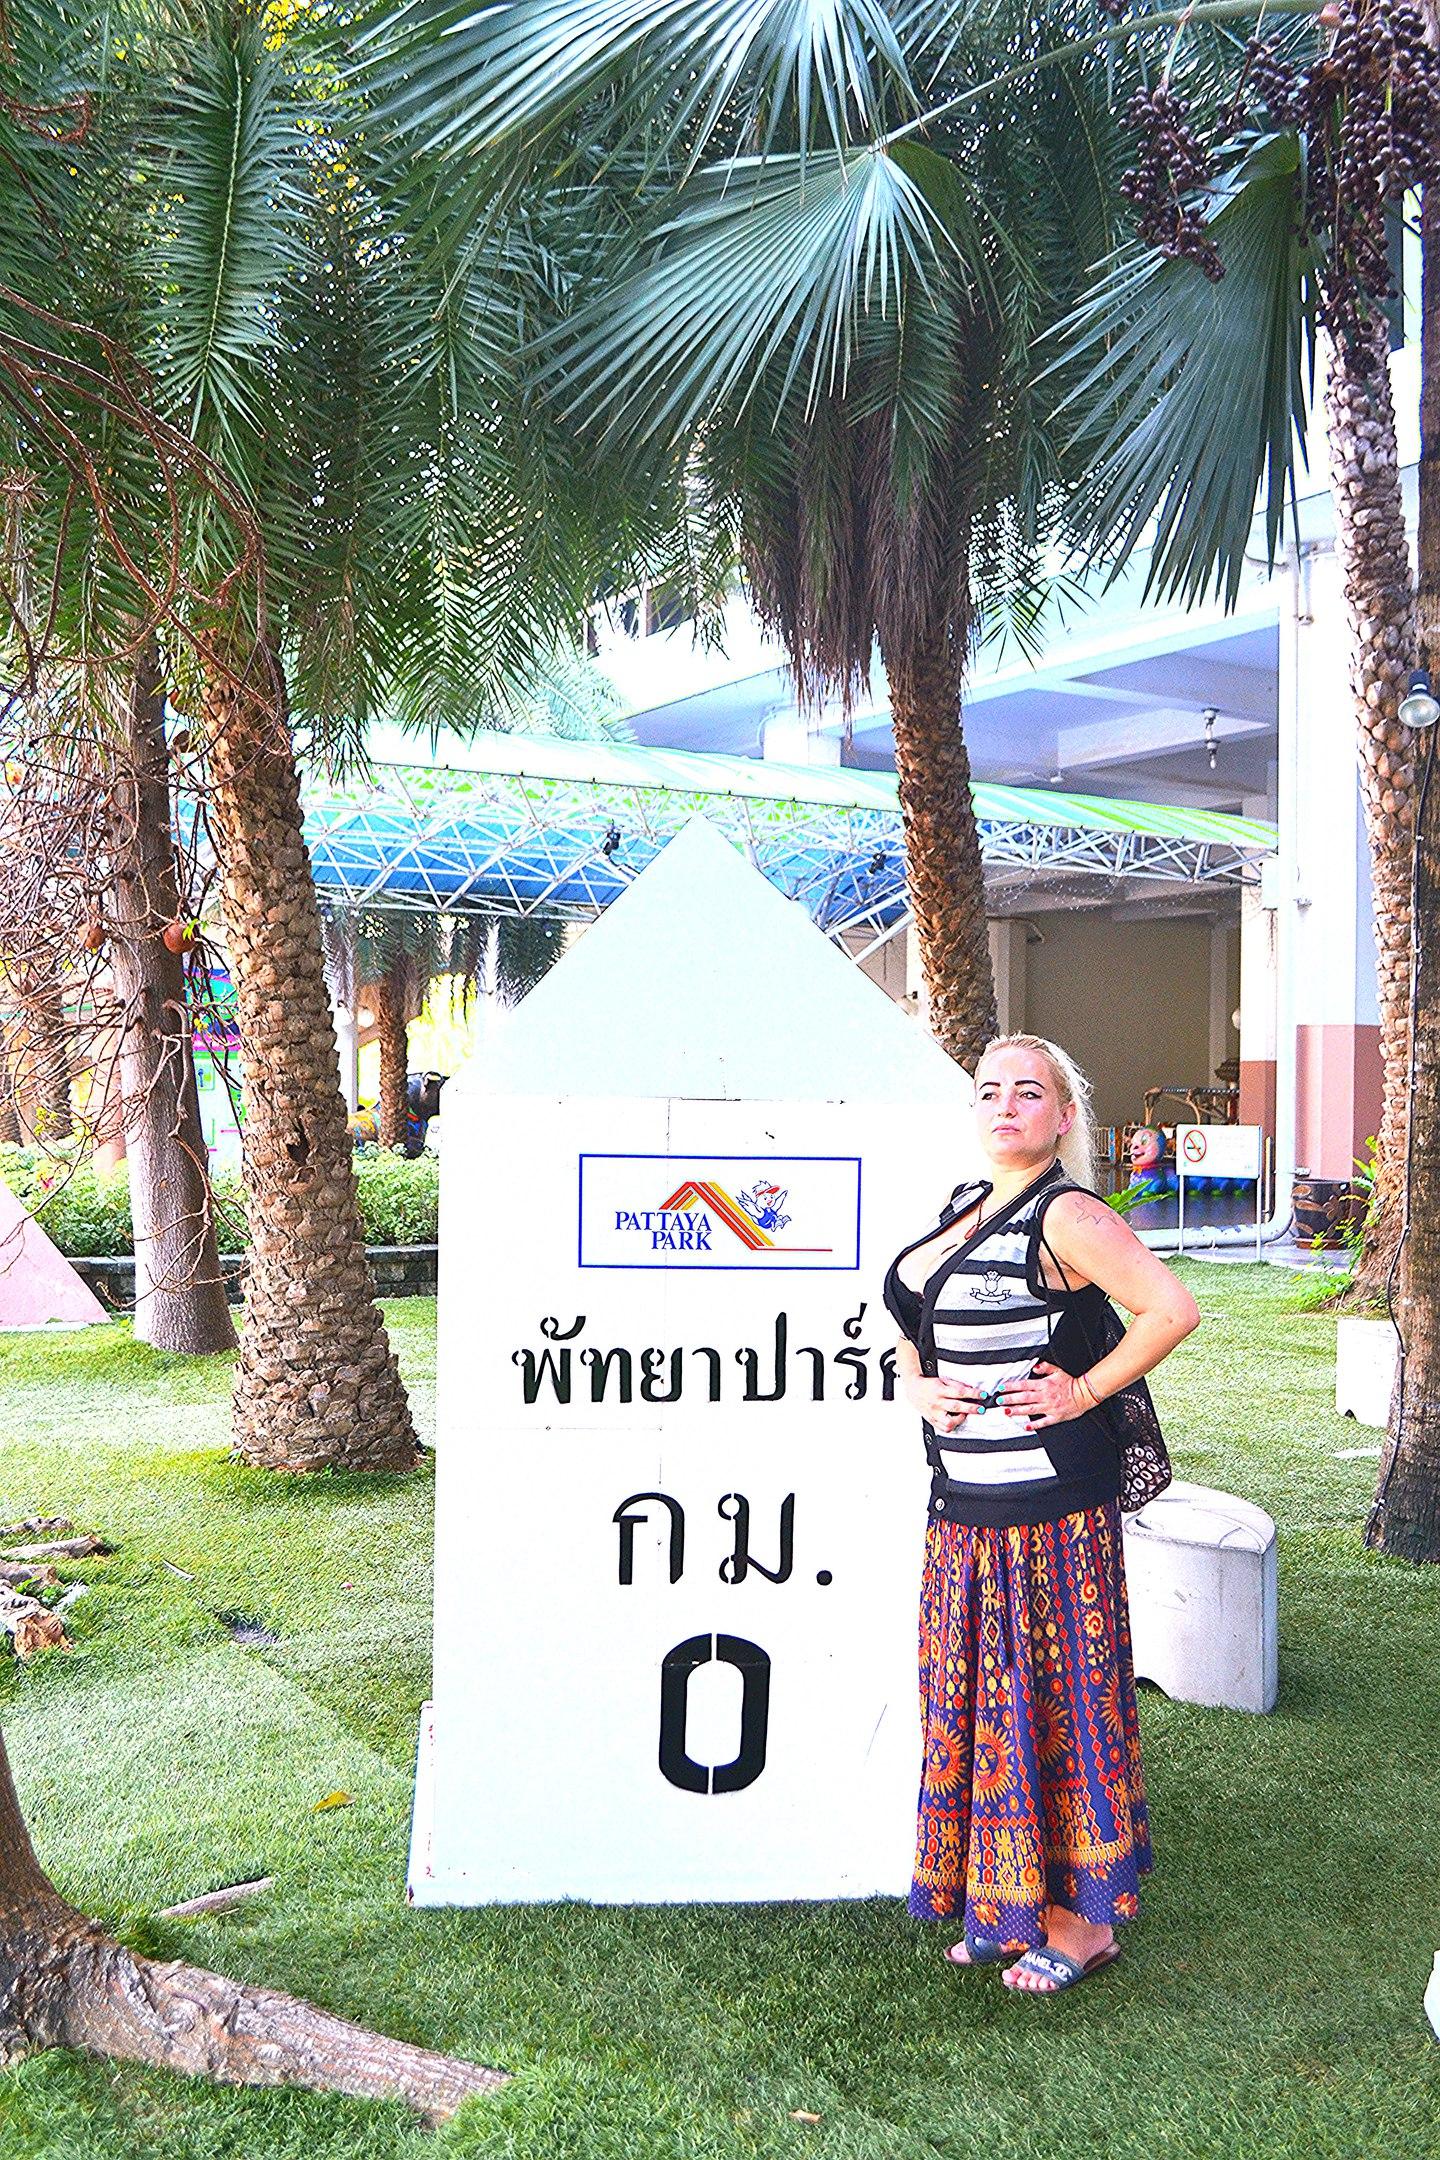 Елена Руденко (Валтея) Таиланд. Прогулка по Паттайе.  Wpe-h-Tp_pI